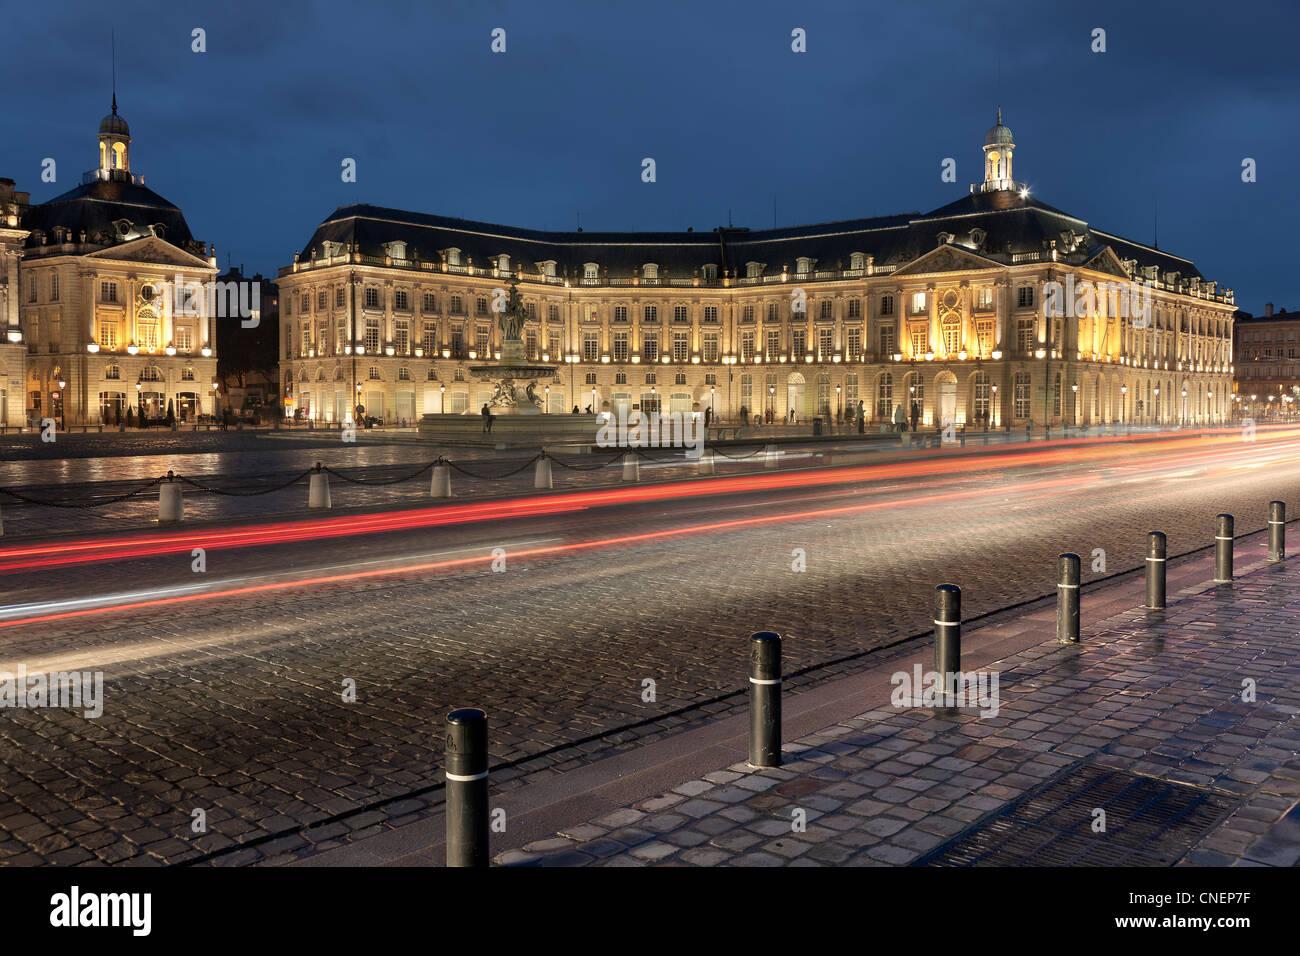 Bourse square, Bordeaux, Aquitaine, France - Stock Image